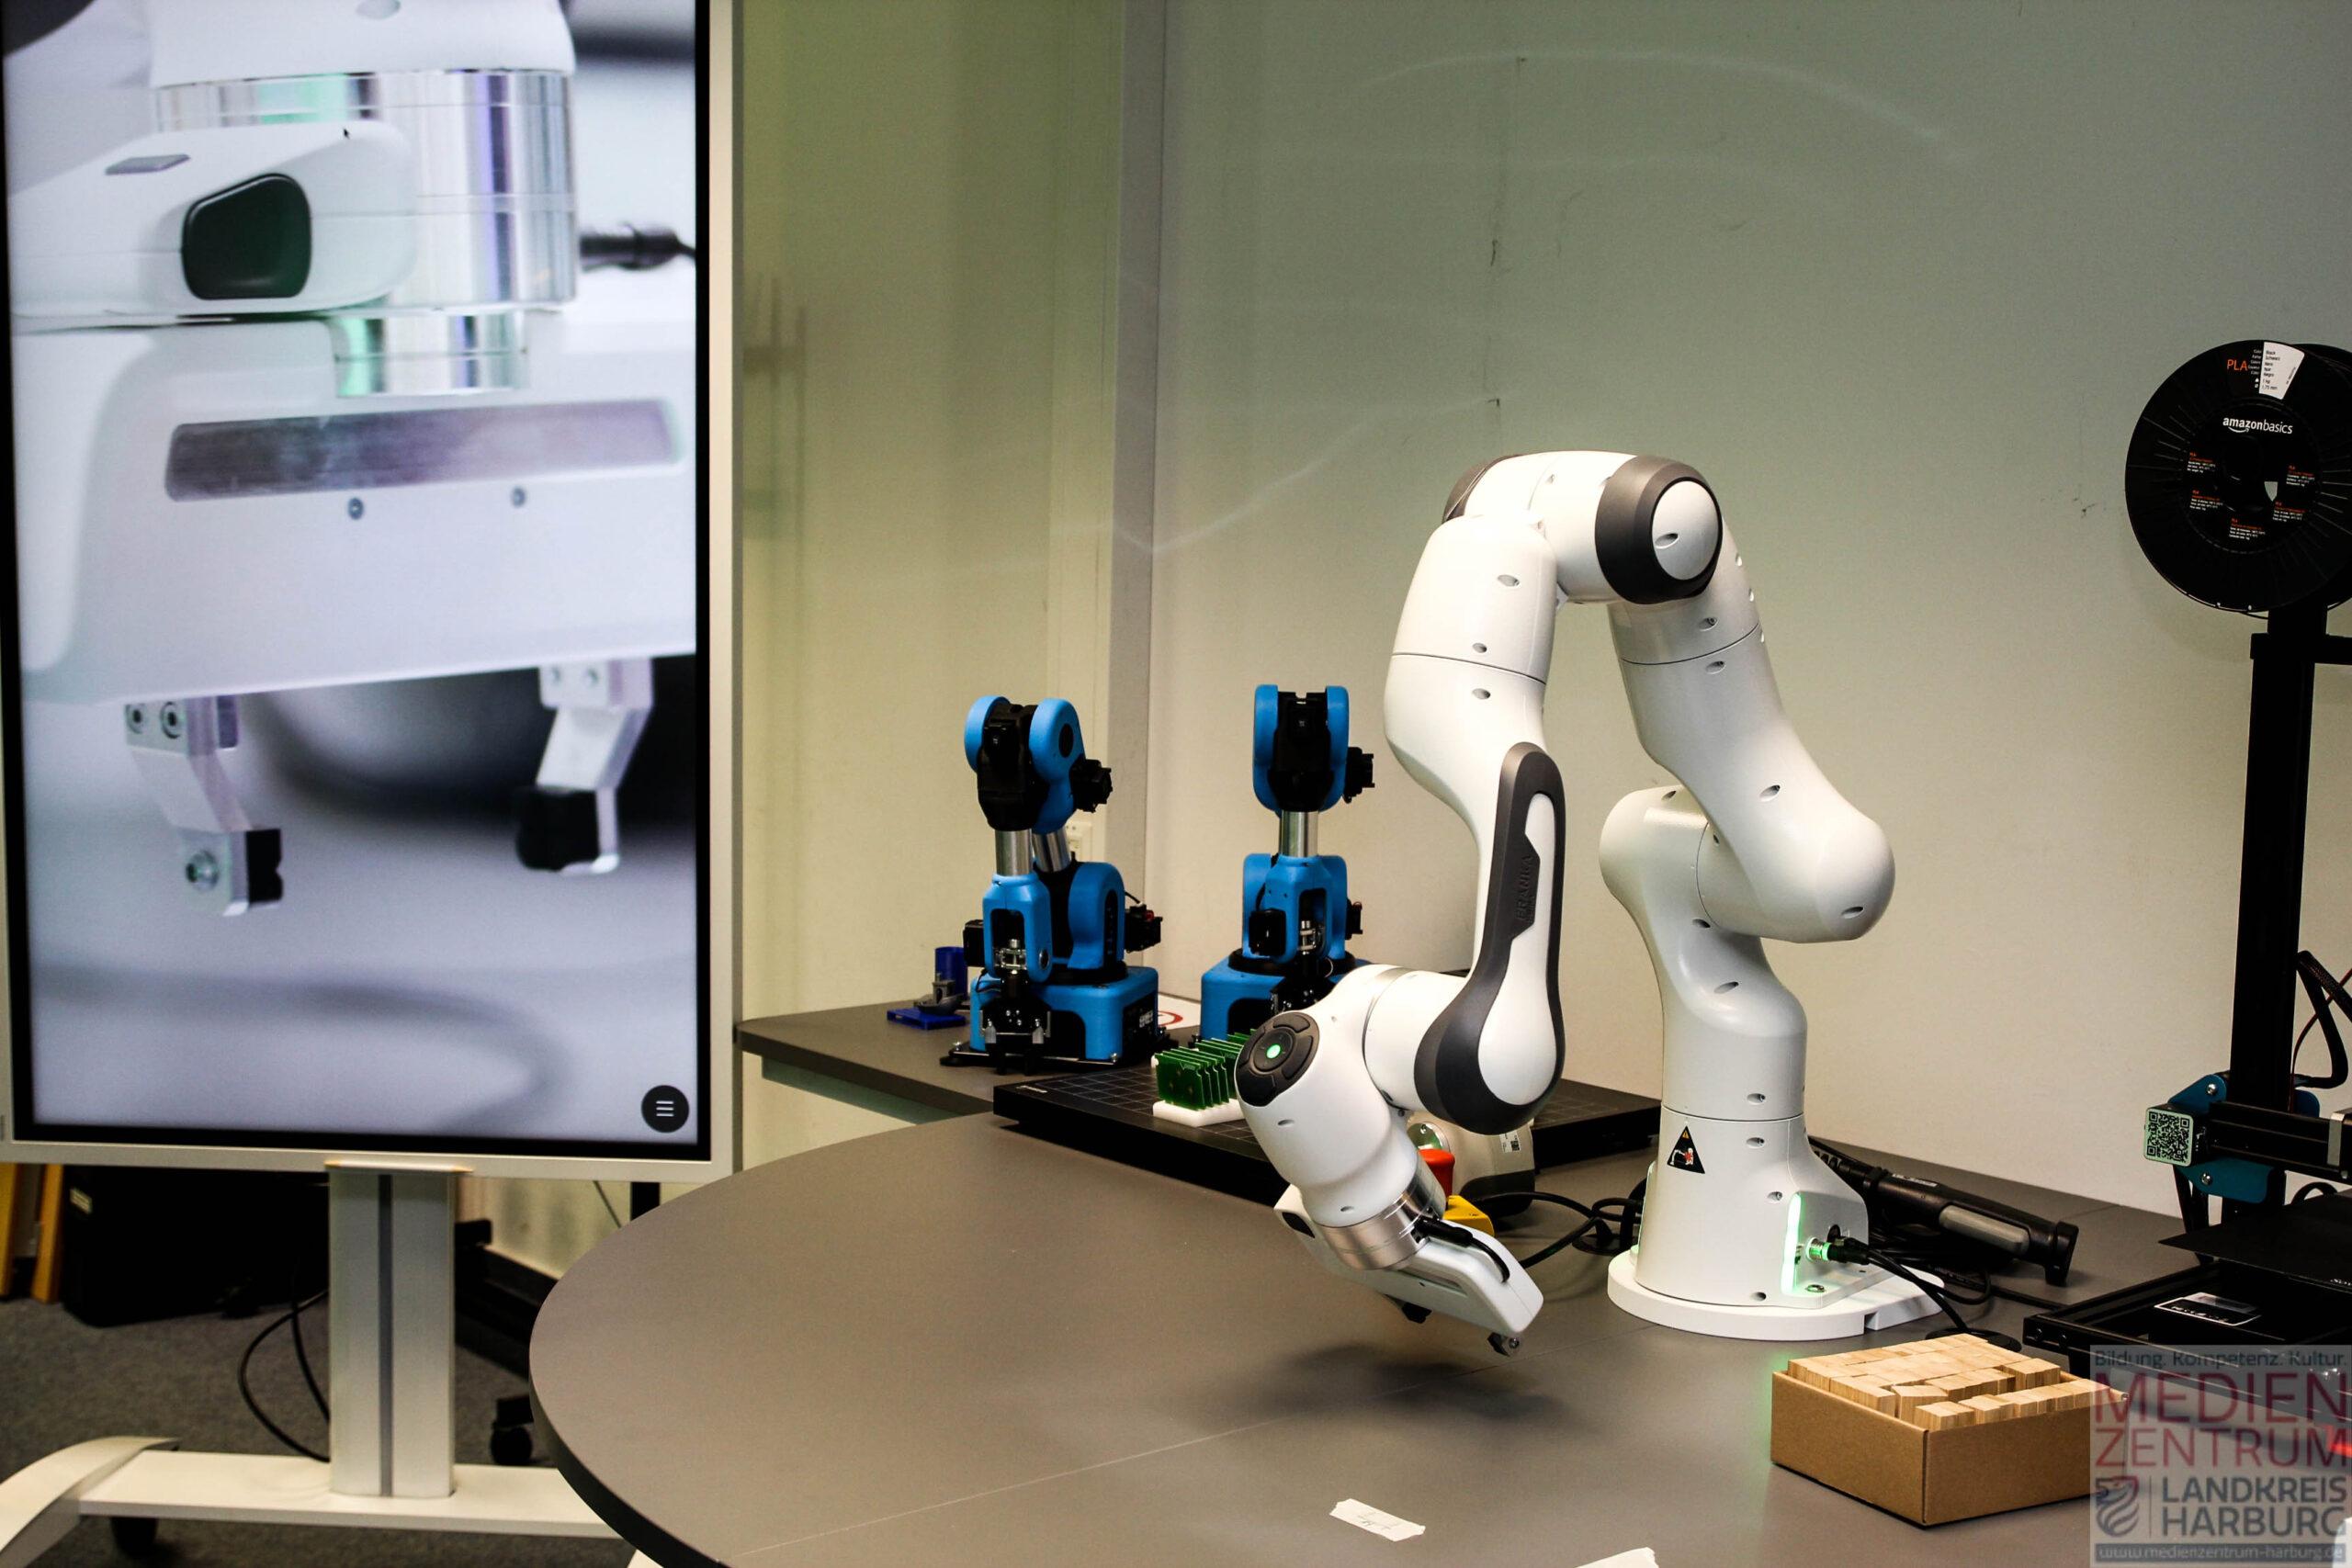 Rechts einer der 3D Drucker, daneben in der Mitte der weisse Panda. Links davon sind zwei Niryo Ned Roboter für den Gruppeneinsatz